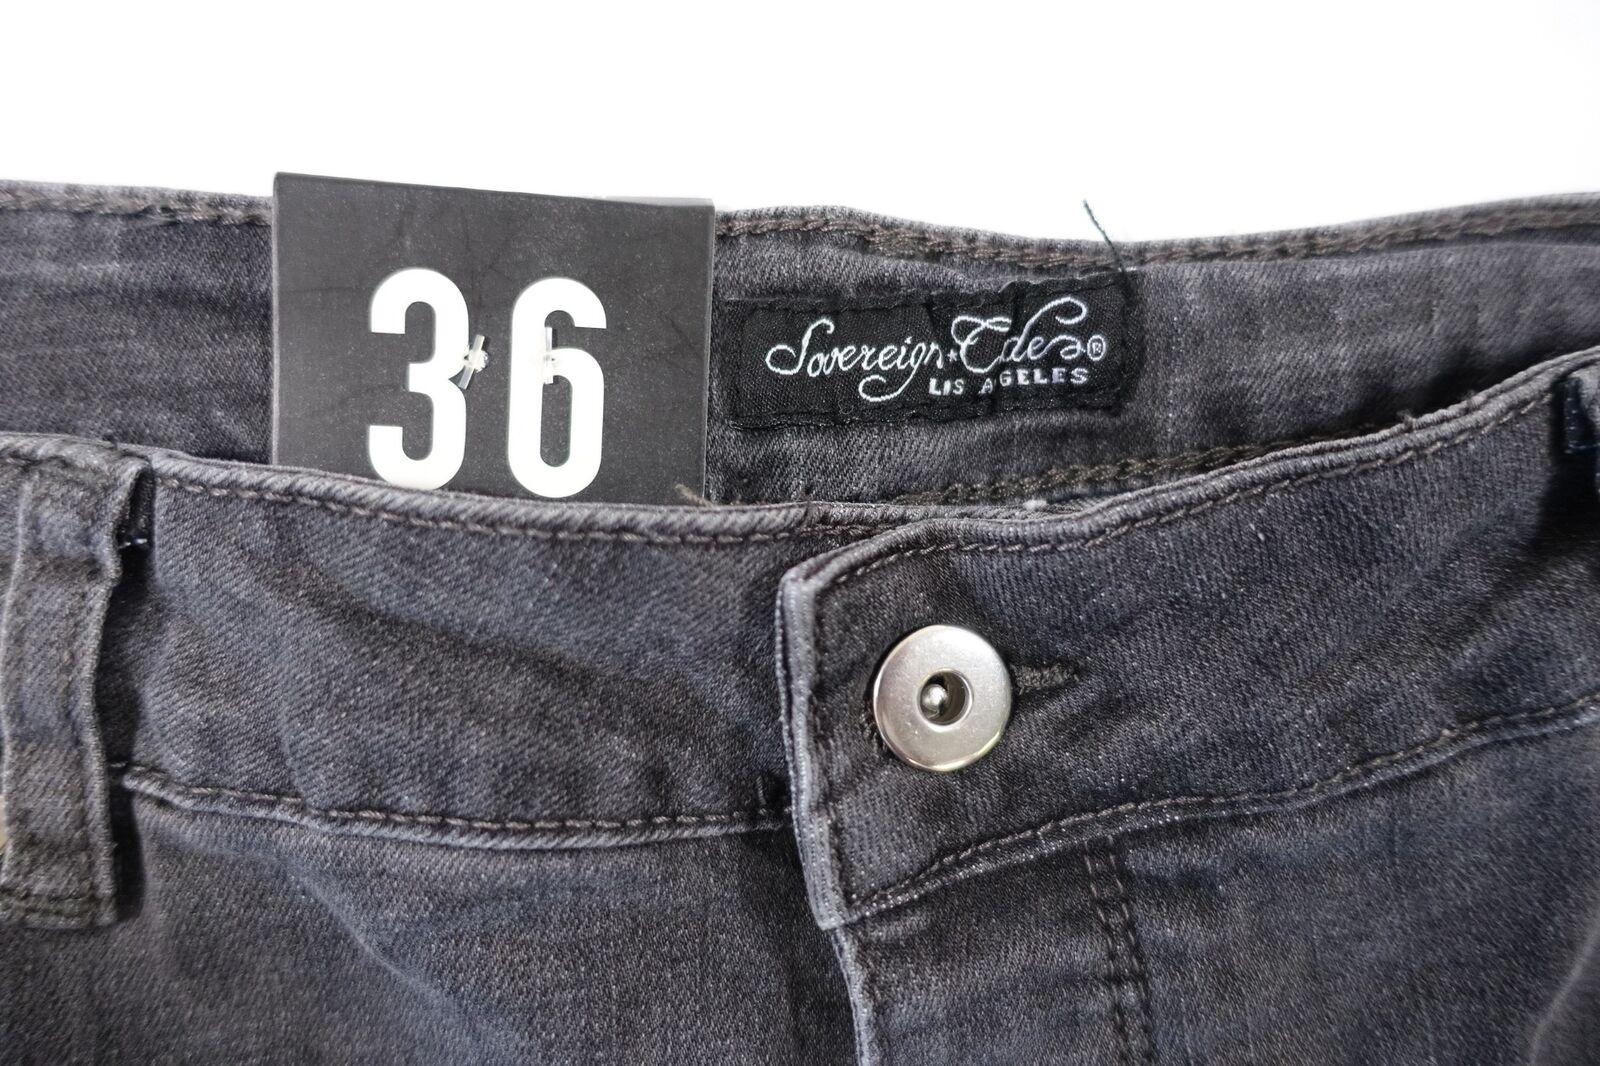 Sovereign Code Verblichen Grau Grau Grau 36 Slim Fit Jeans Herren Nwt Neu  | Outlet Store  | Vollständige Spezifikation  |   4022d2